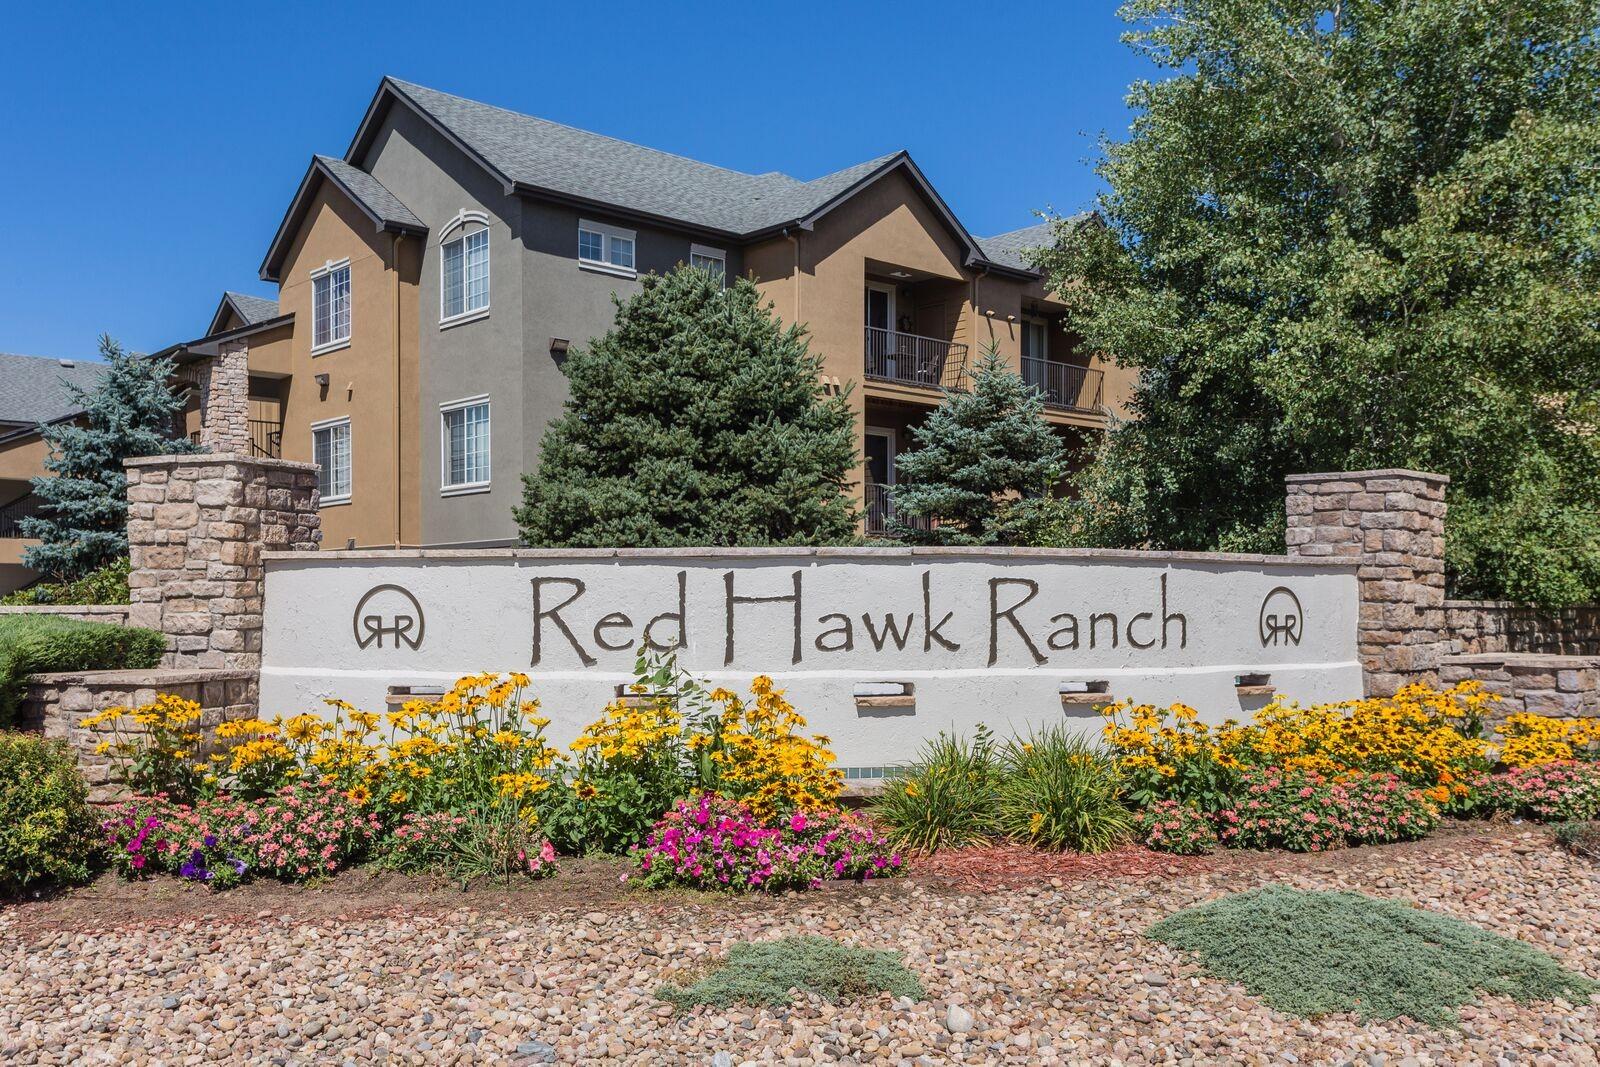 Red Hawk Ranch